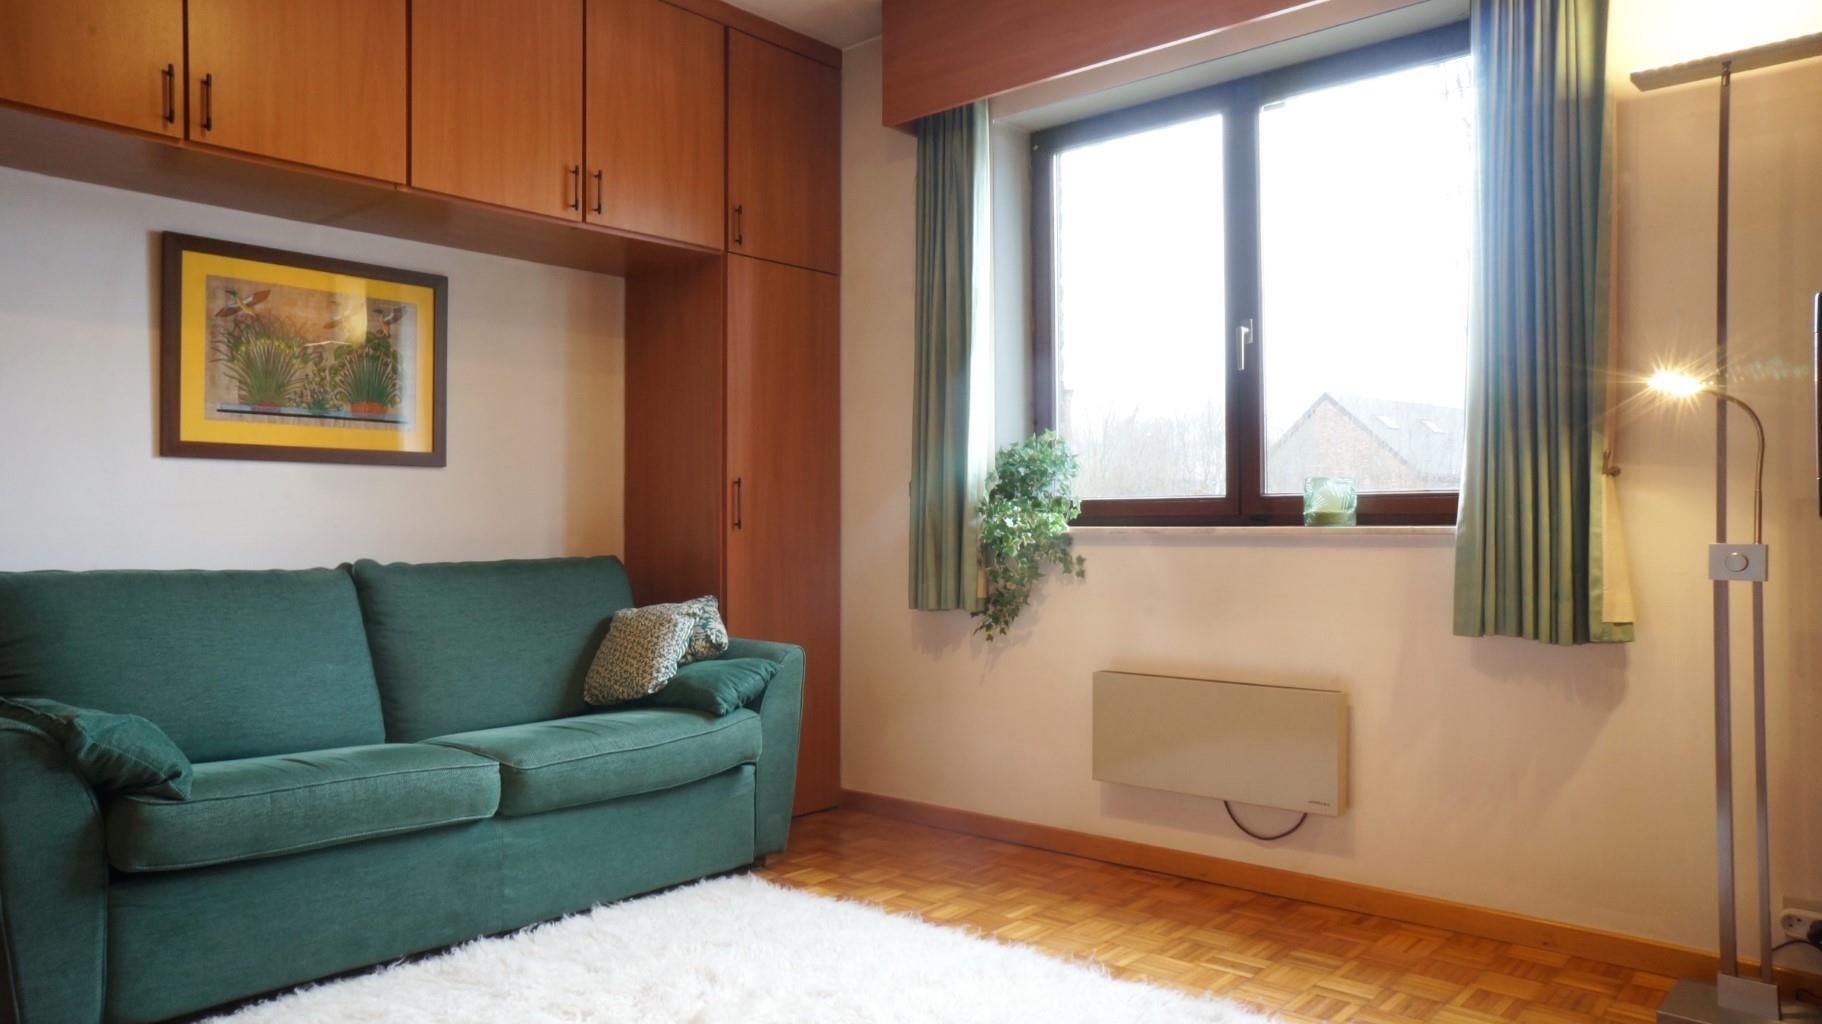 Maison - Perwez Thorembais-Saint-Trond - #4027352-10